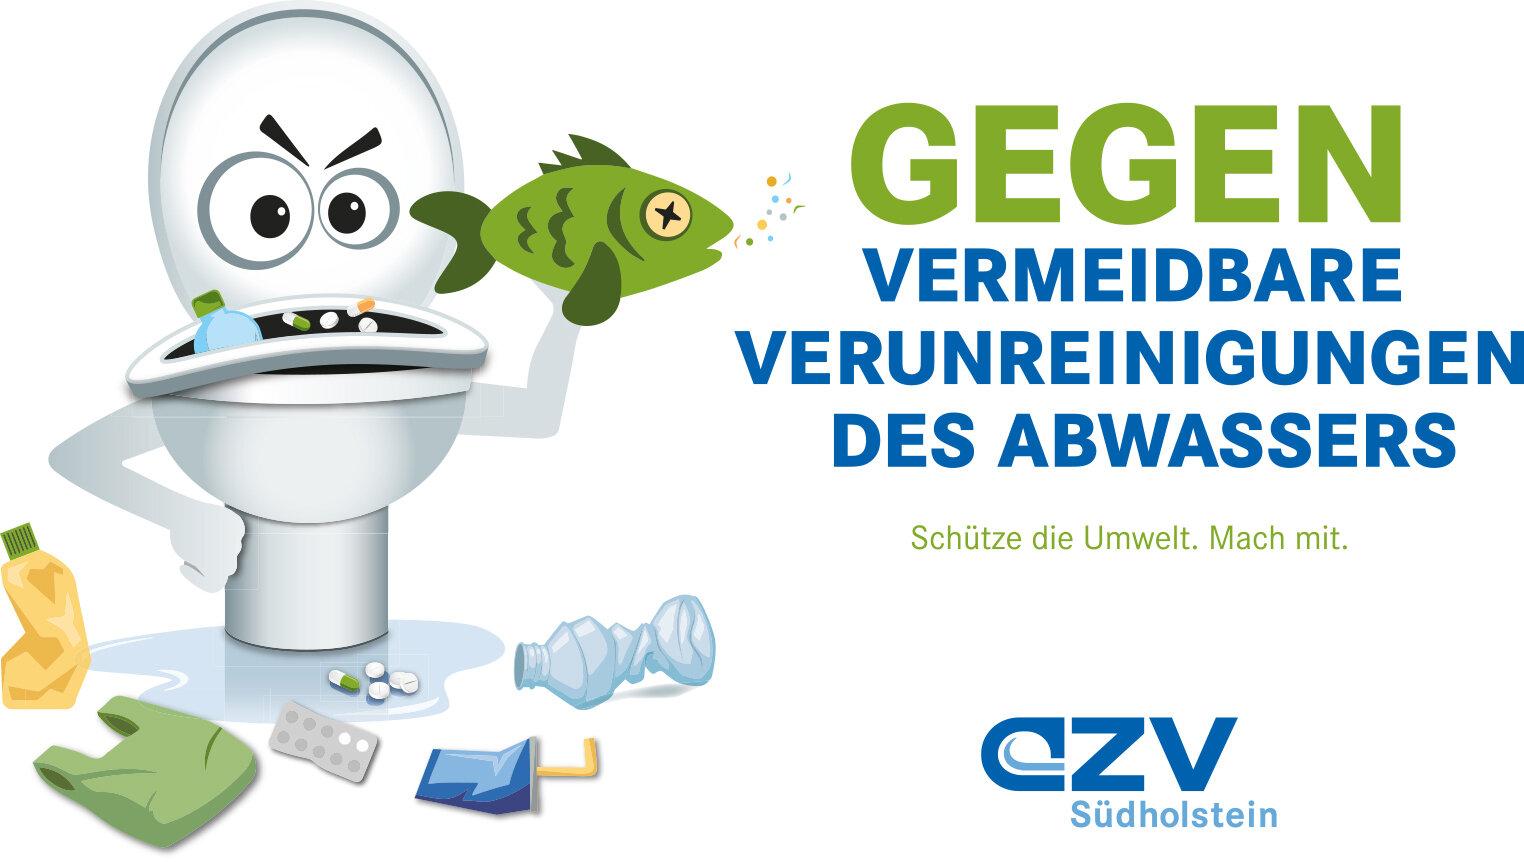 Gegen vermeidbare Verunreinigungen des Abwassers